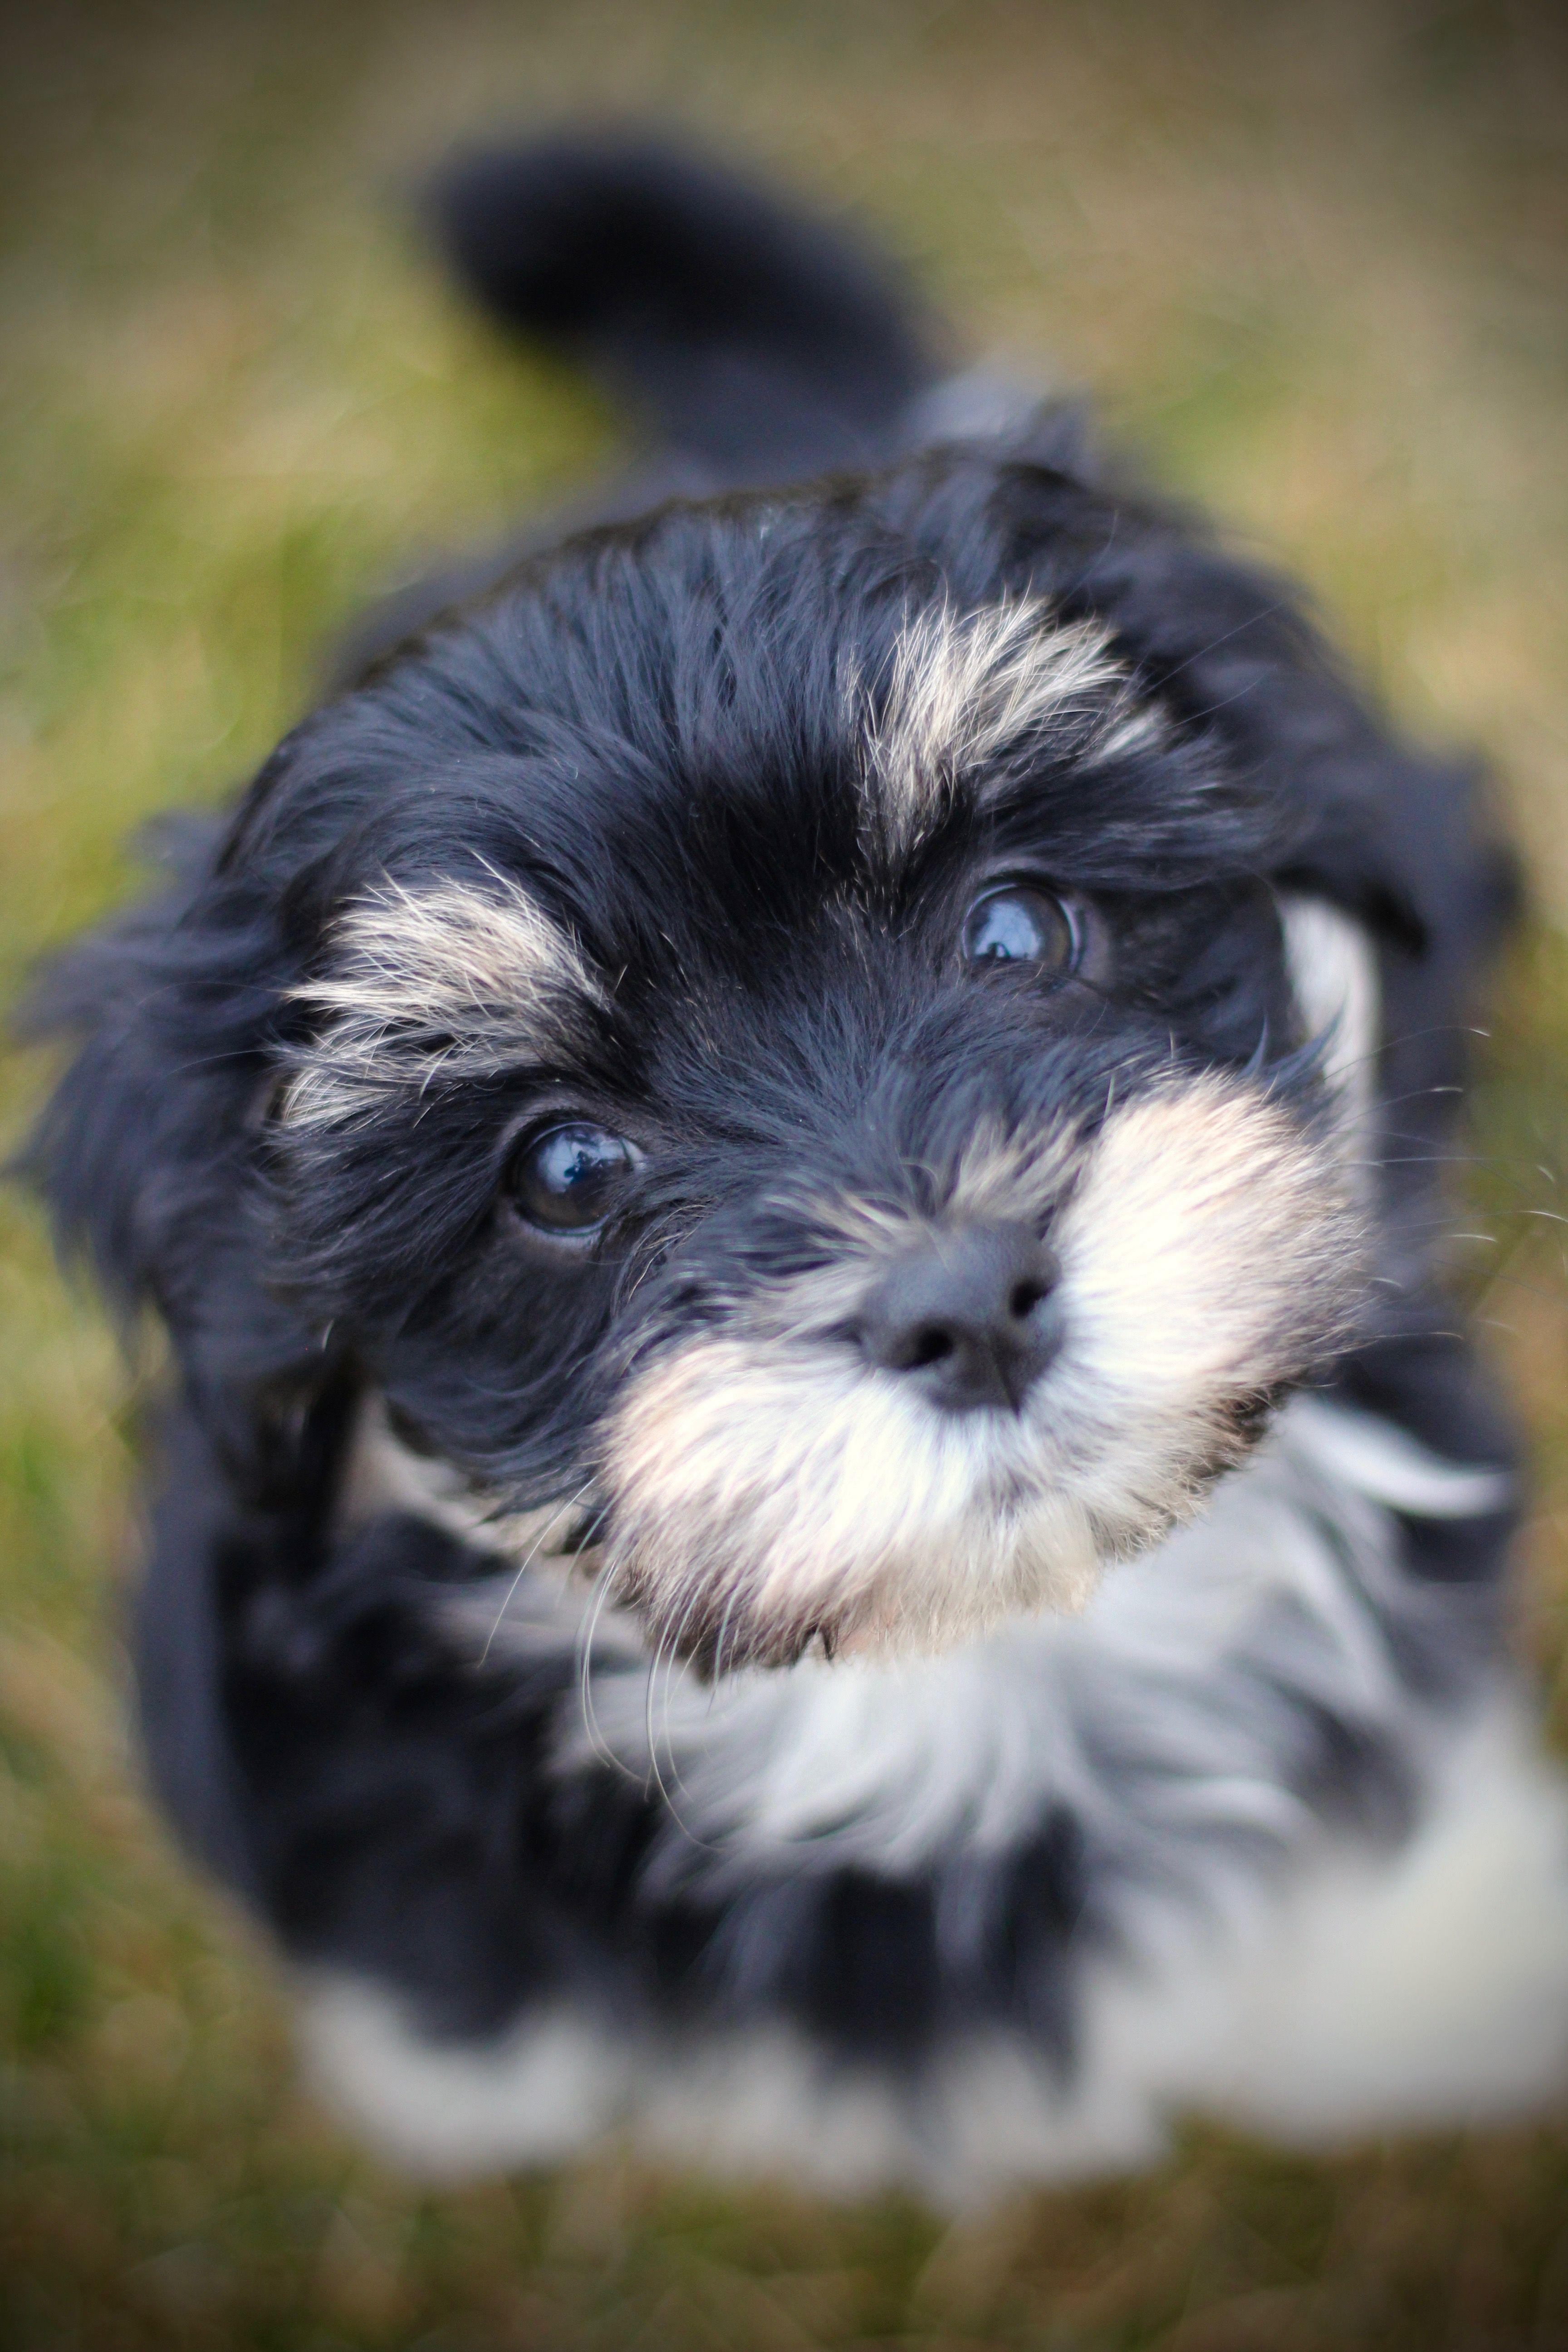 A Zuchon puppy from babybarks.ca Puppies, Shih